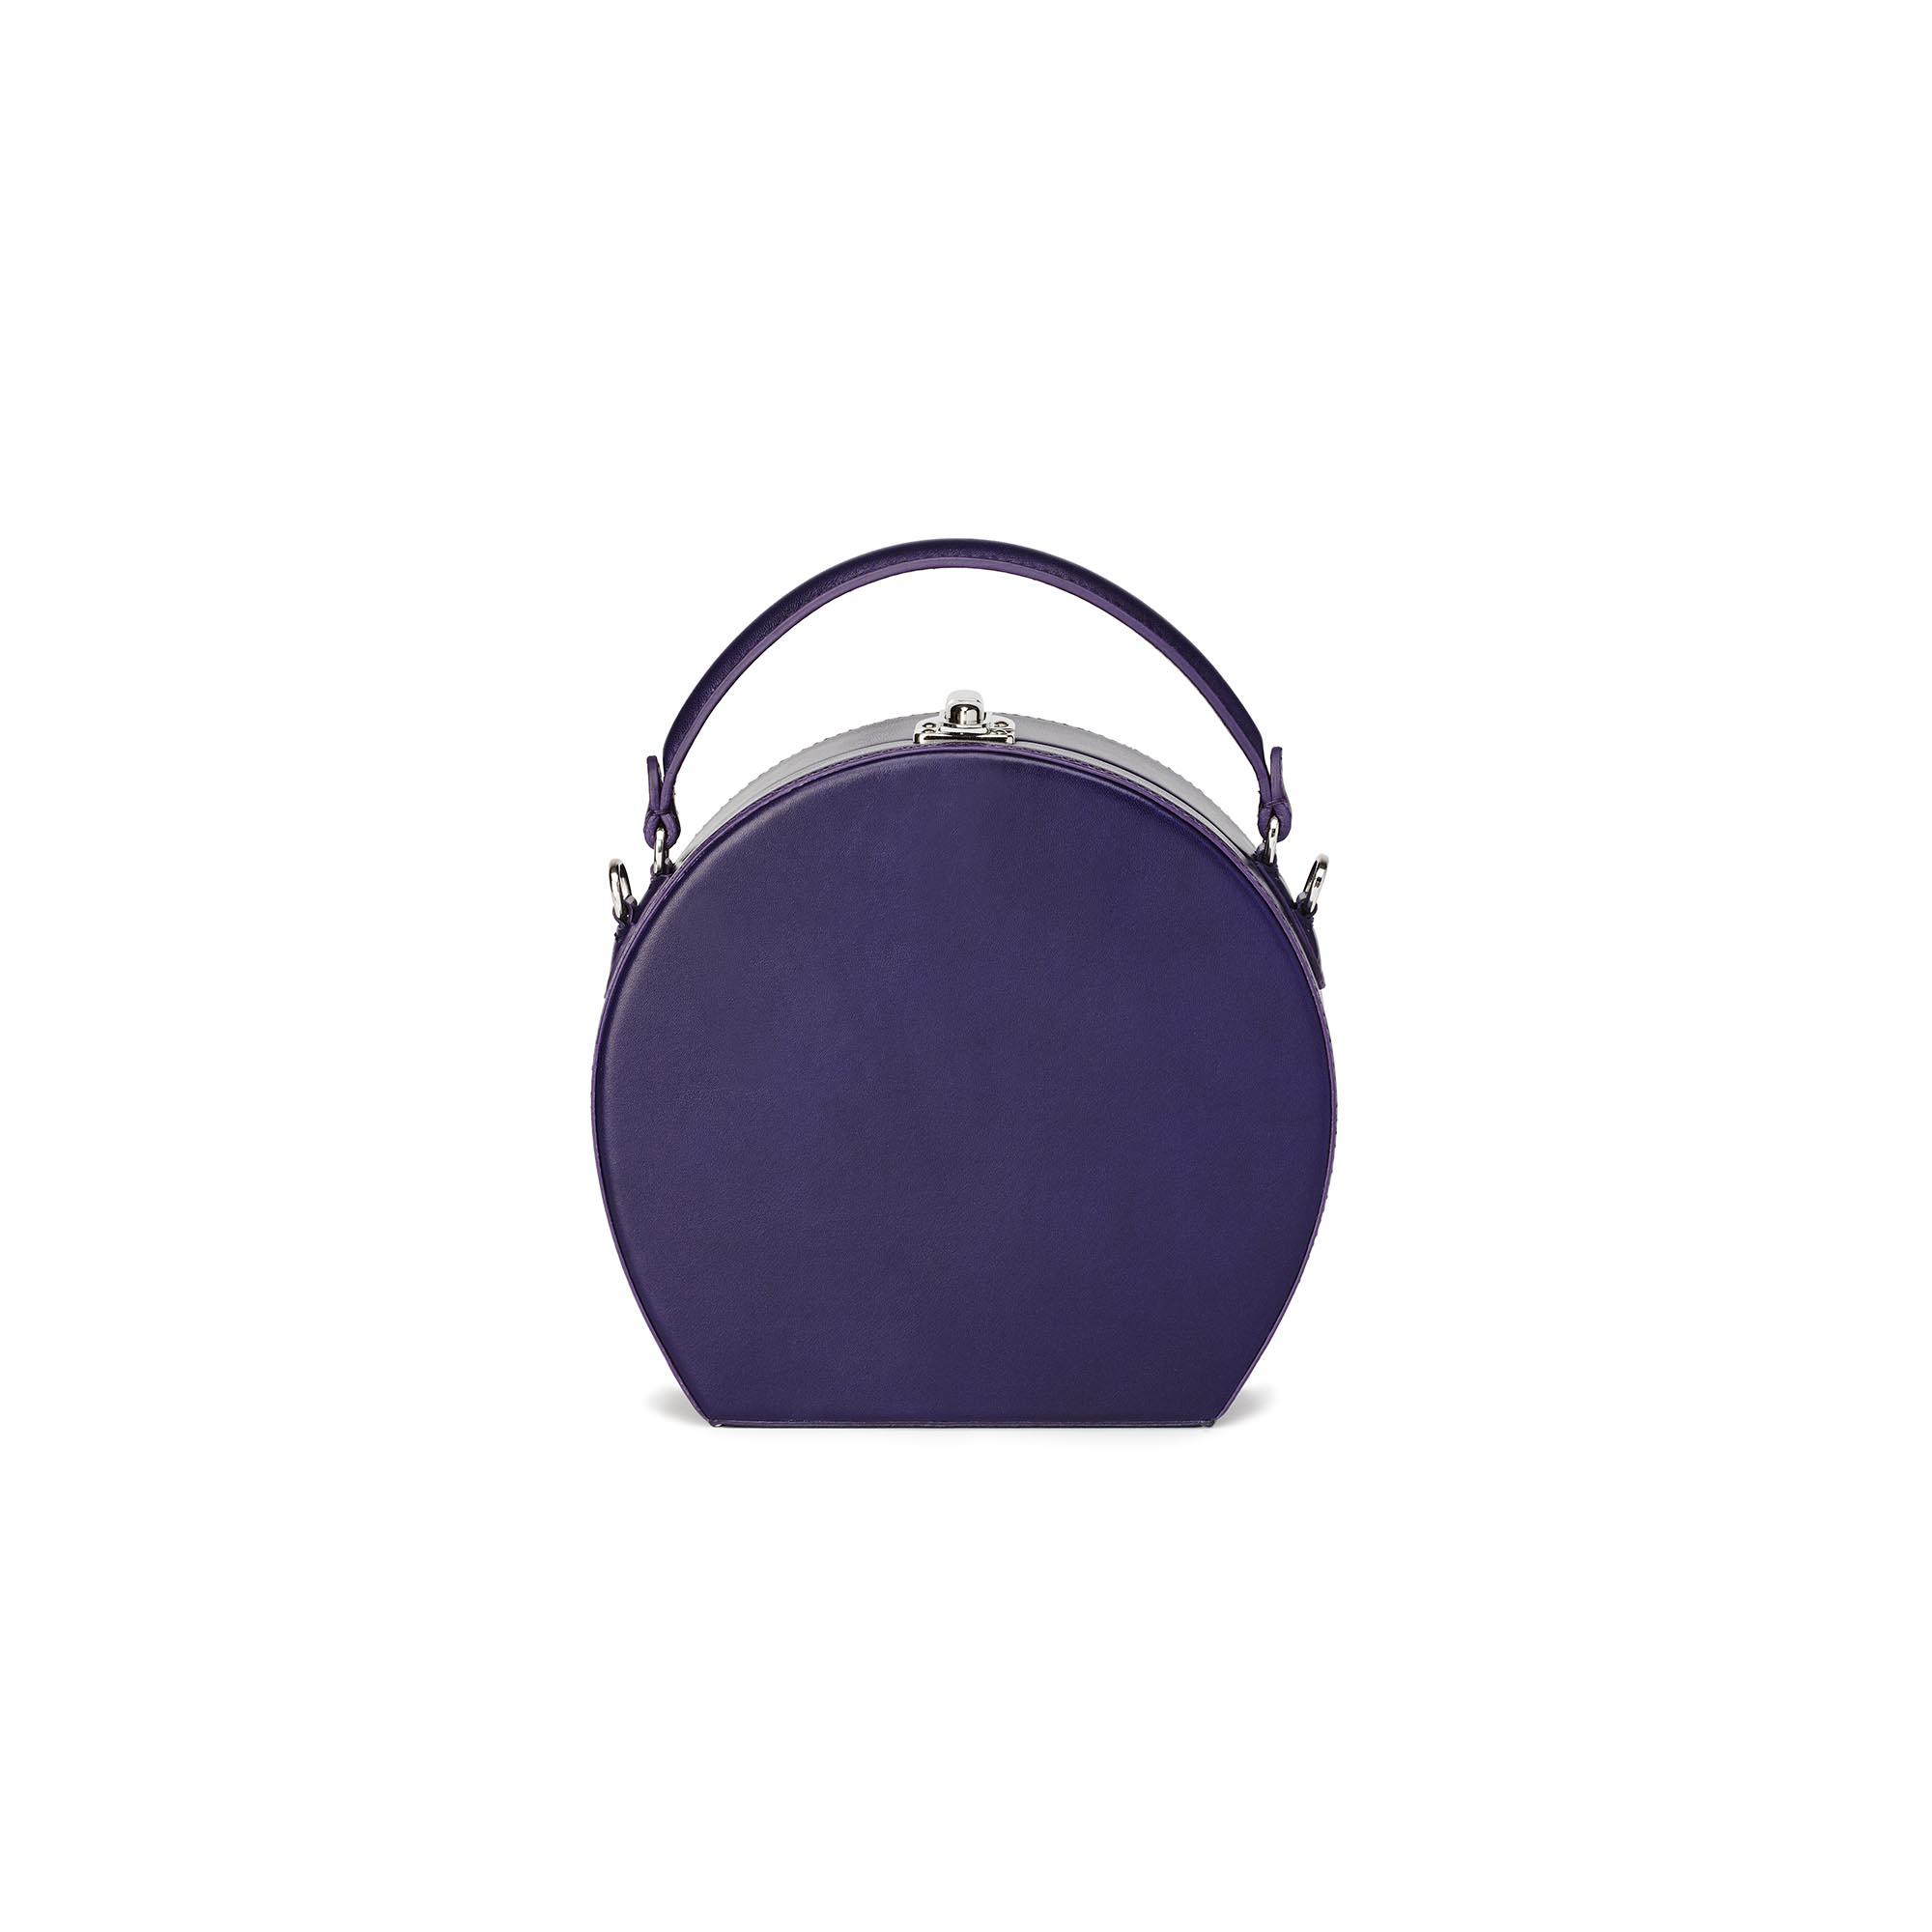 Regular-Bertoncina-purple-french-calf-bag-Beroni-1949